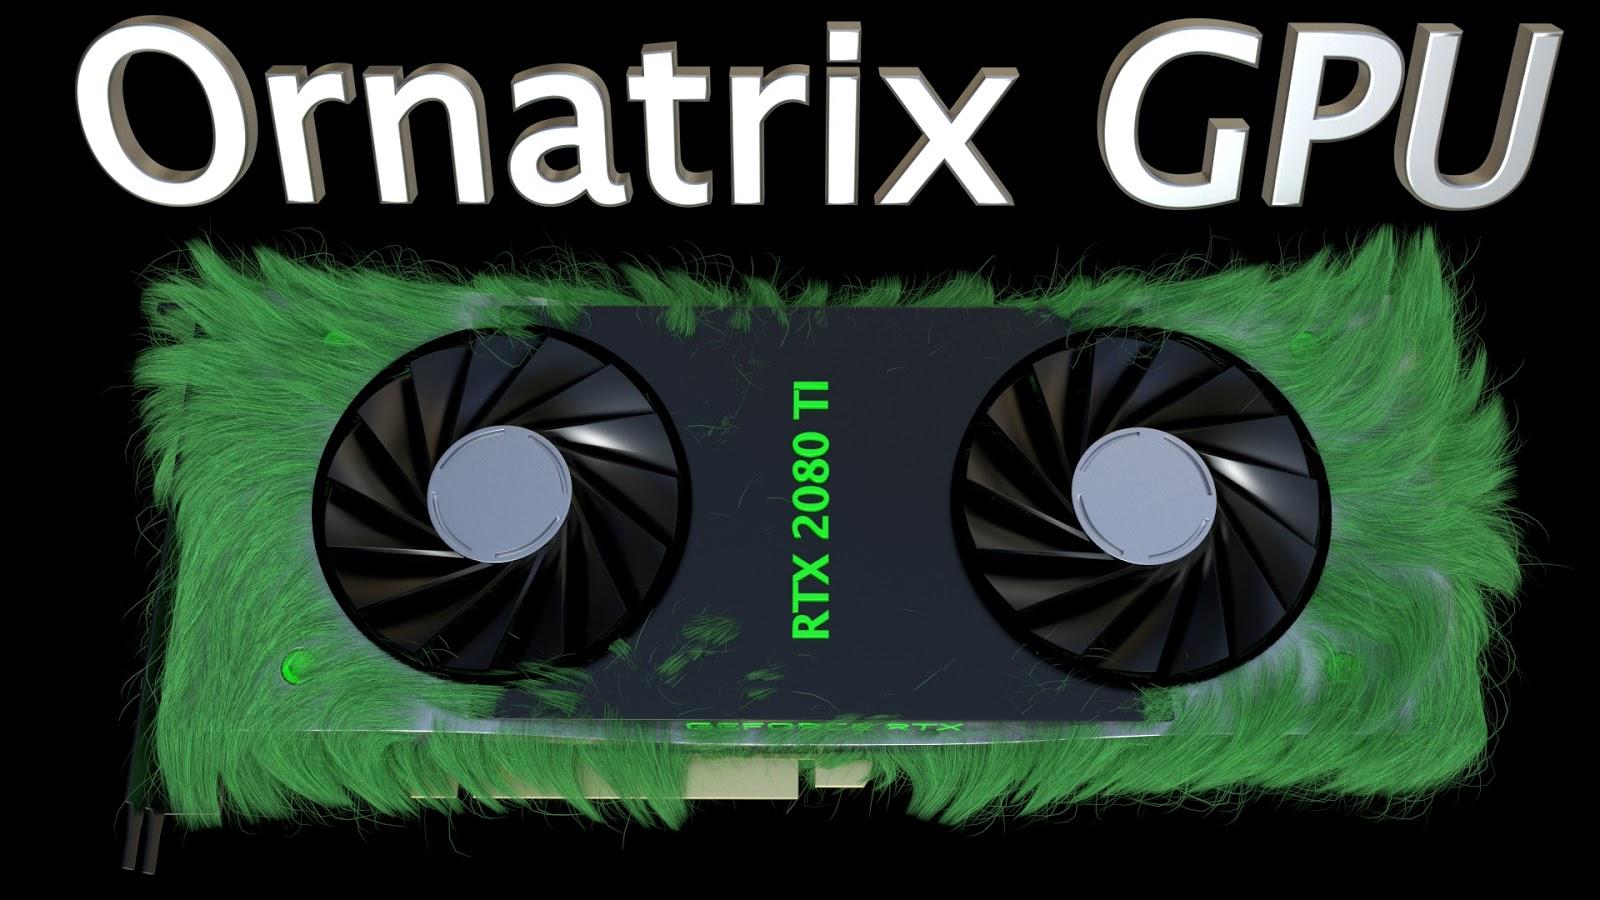 ornatrix_gpu_youtube.jpg